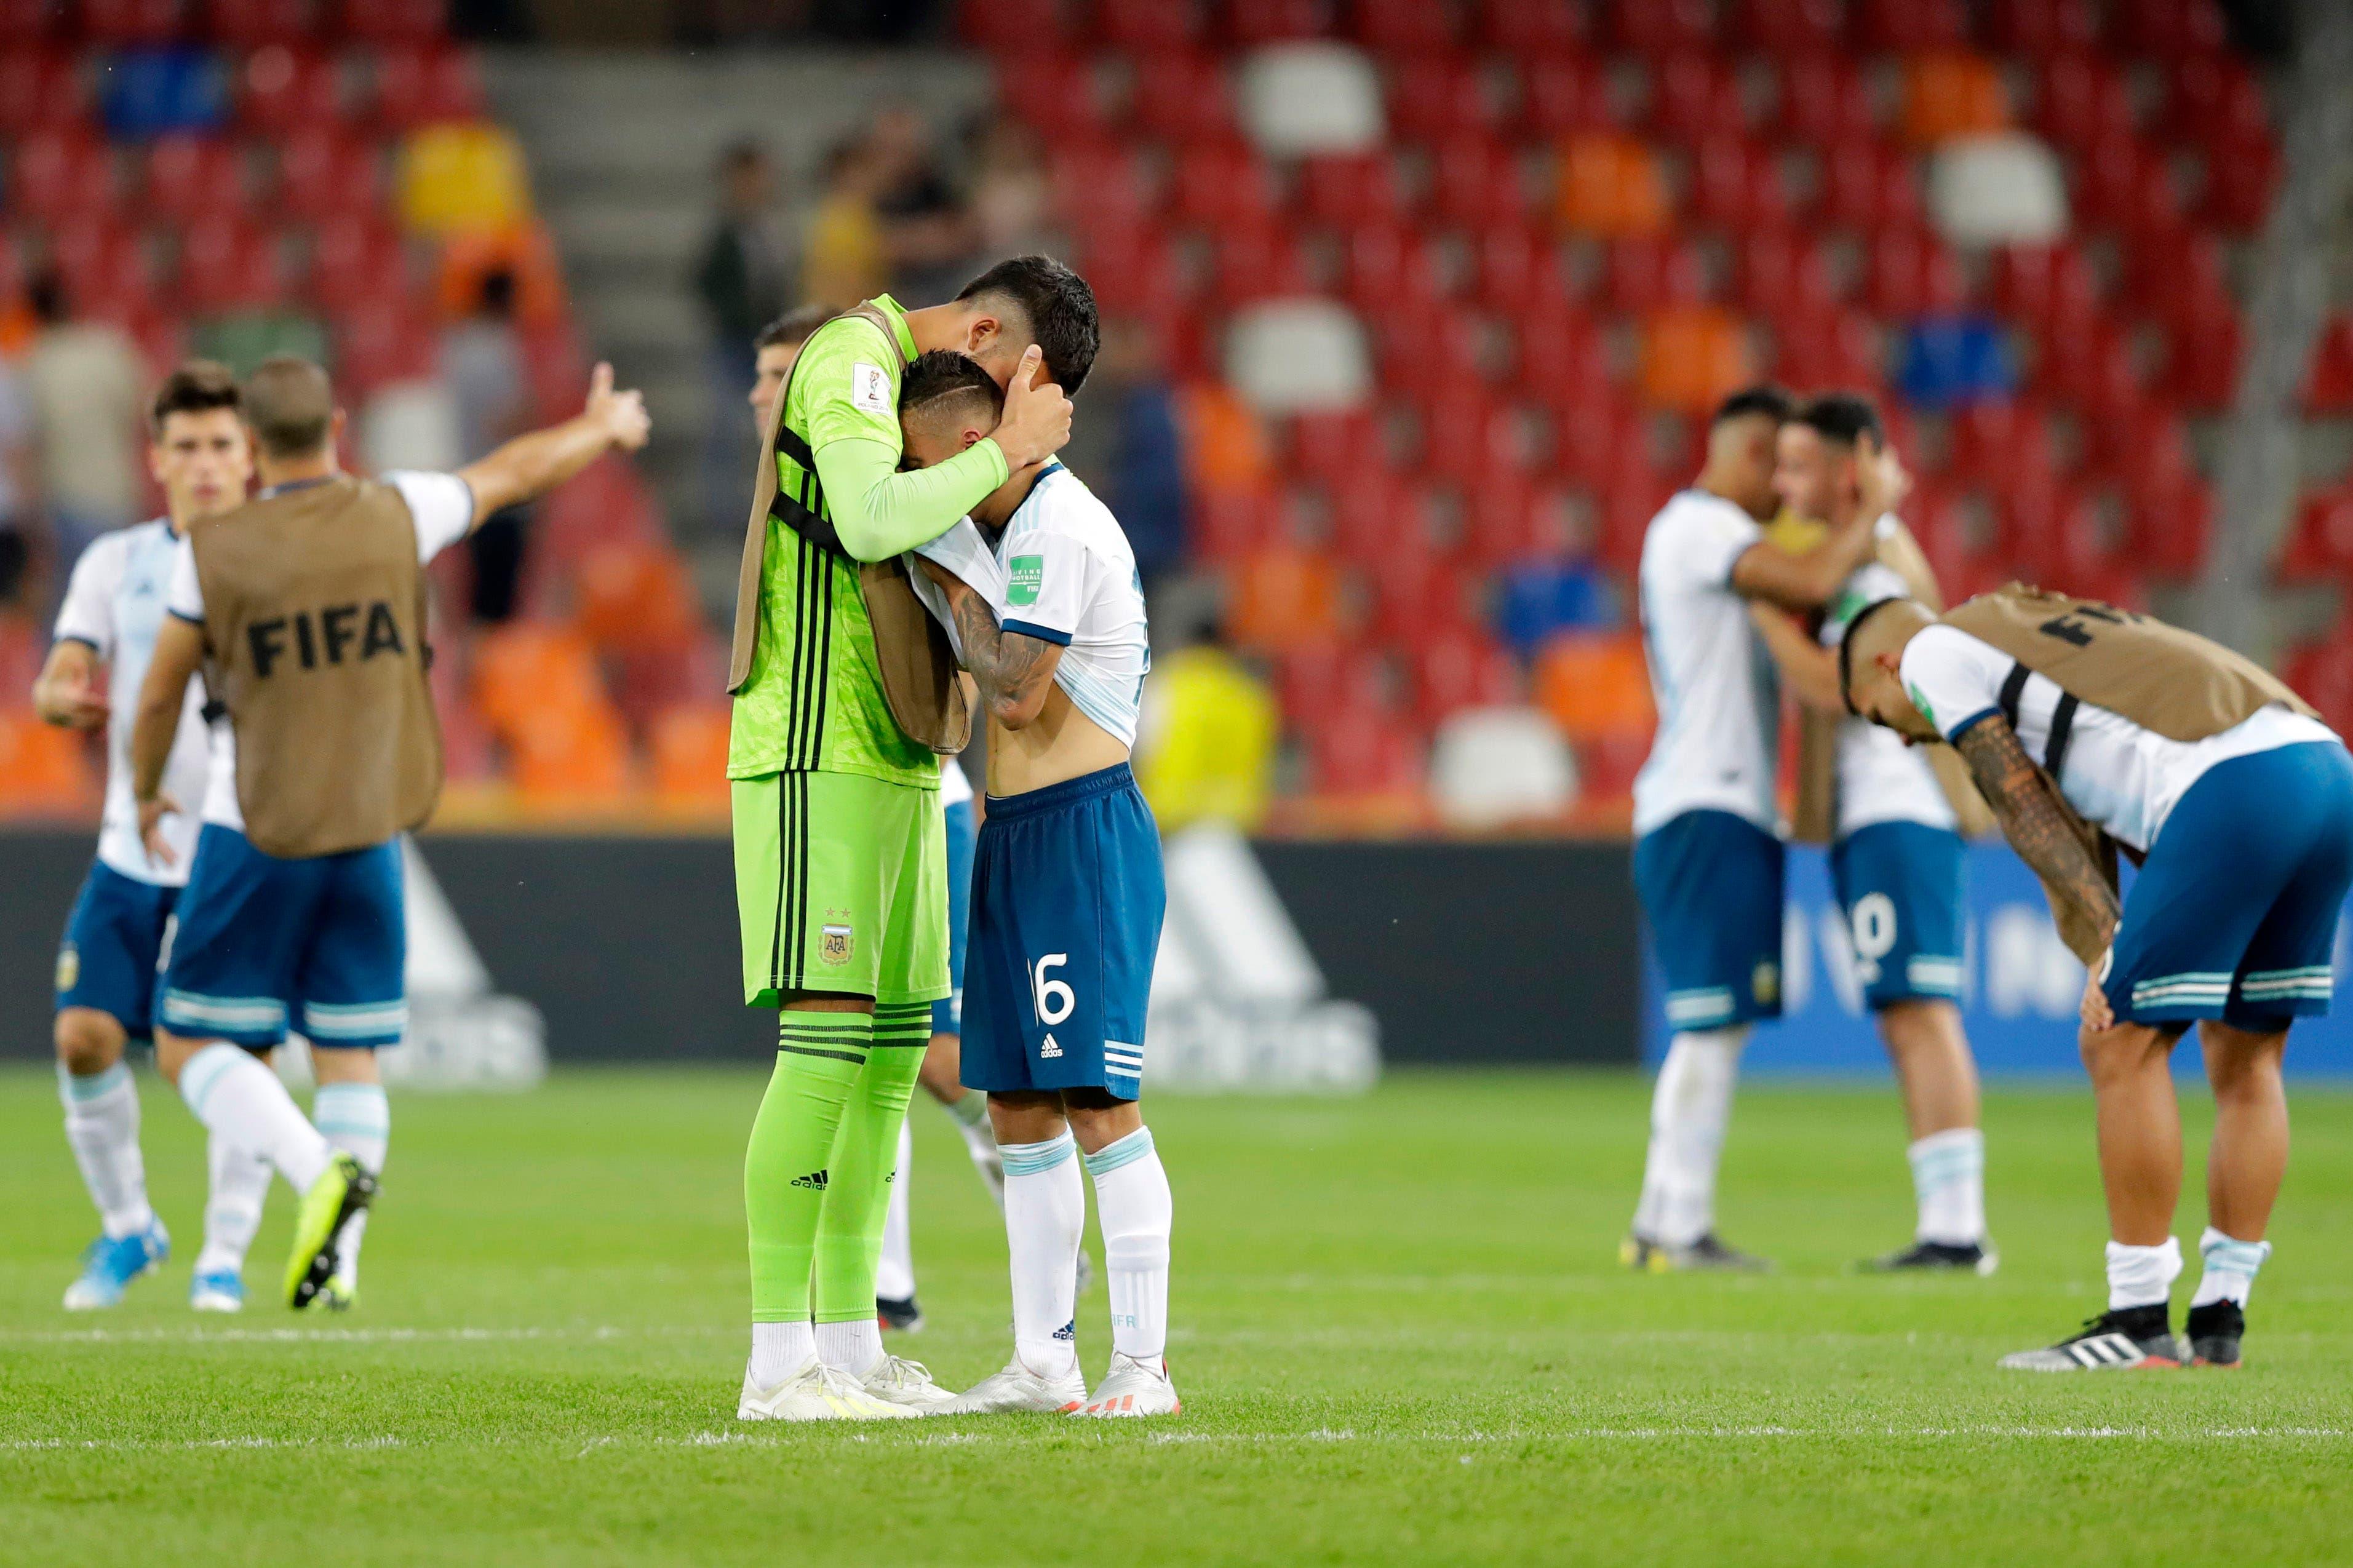 Increíble: a la Argentina le empataron en el último minuto, perdió por penales y quedó eliminada del Mundial Sub 20